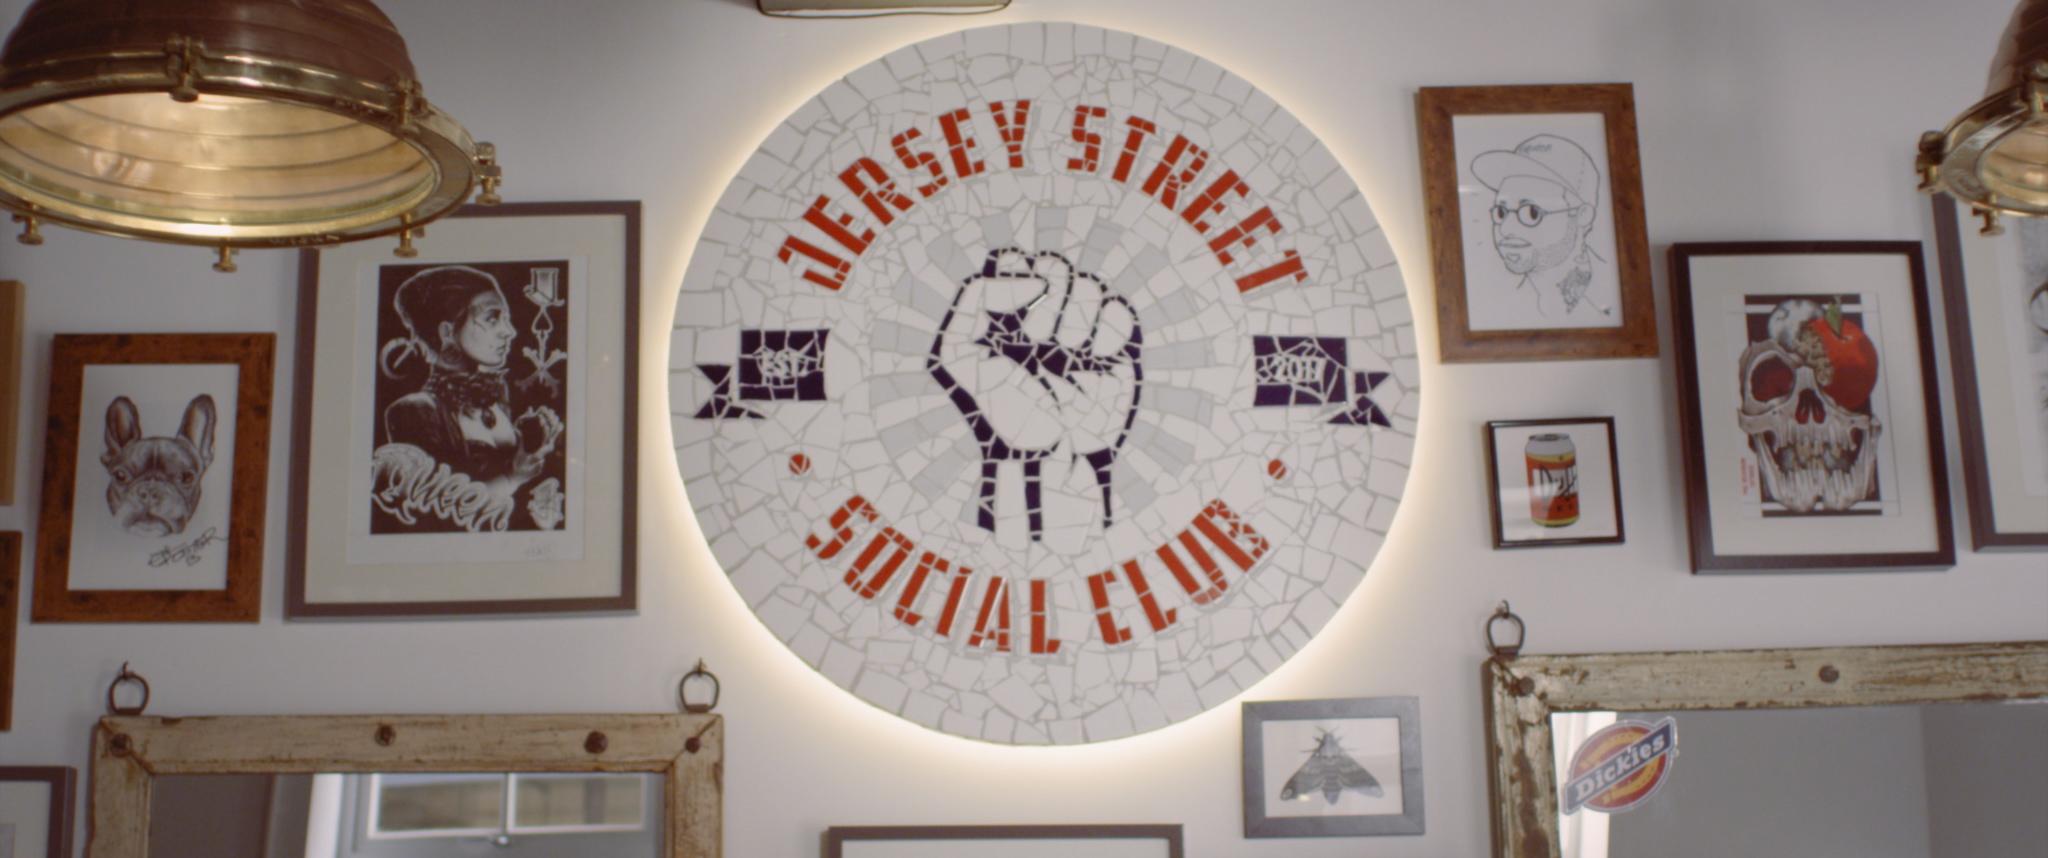 Jersey Street Social Club .mov.00_01_46_13.Still009.jpg